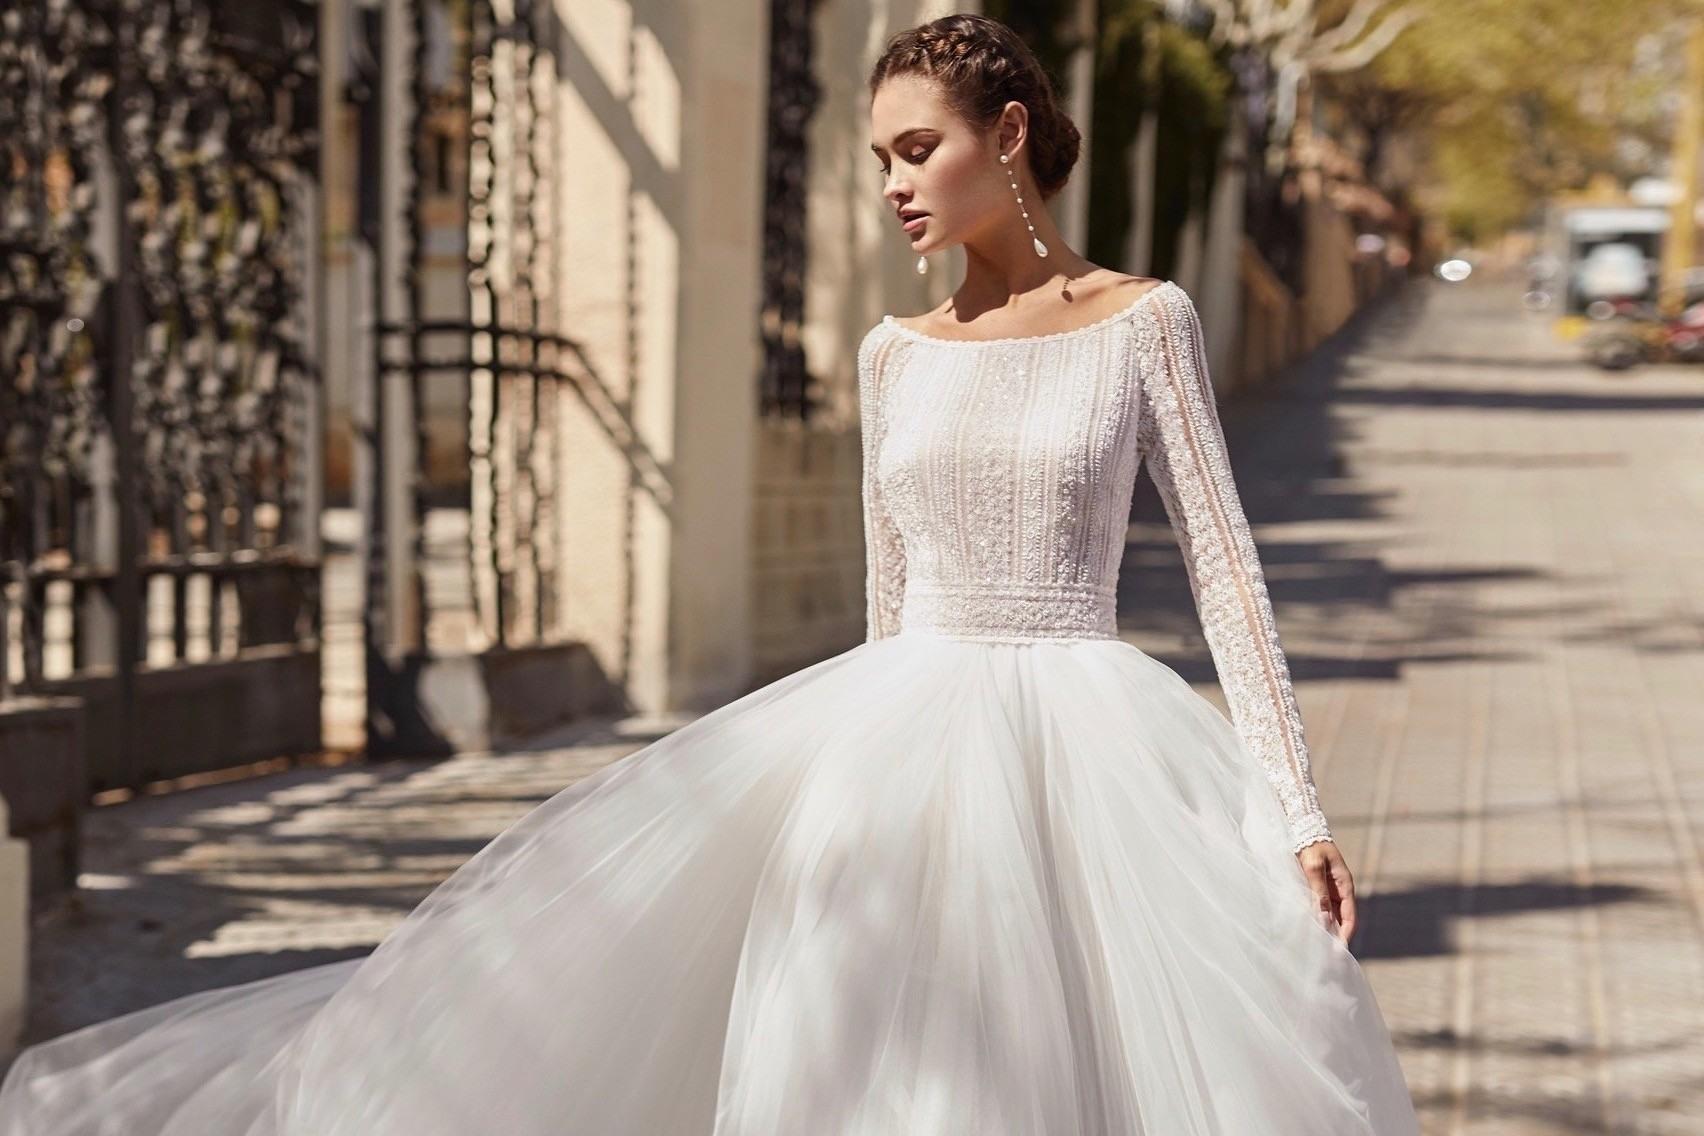 17 Fantastisch Brautmode Brautkleid Stylish10 Einfach Brautmode Brautkleid für 2019